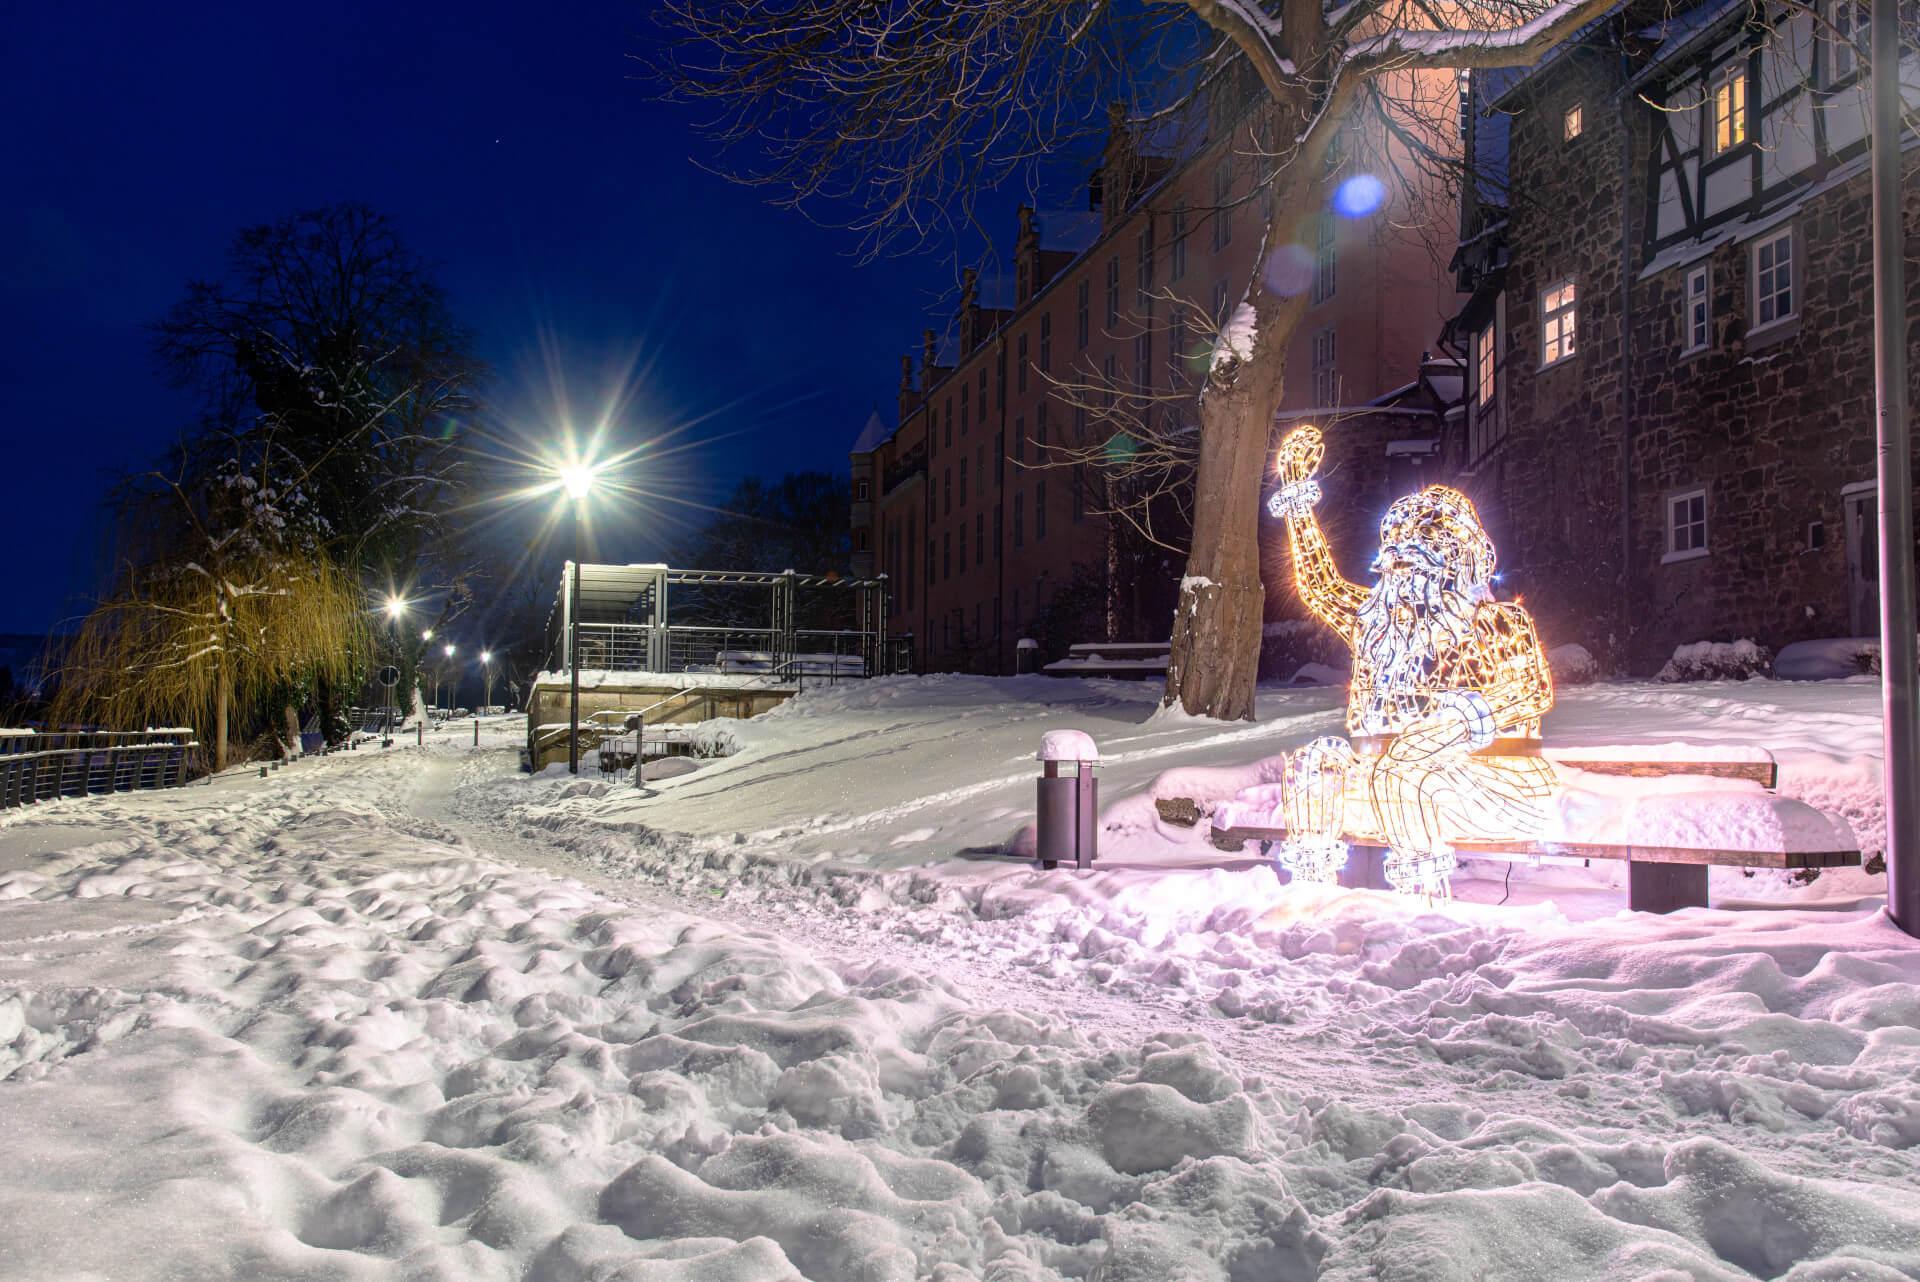 Lichterzauber im Schnee, Santa